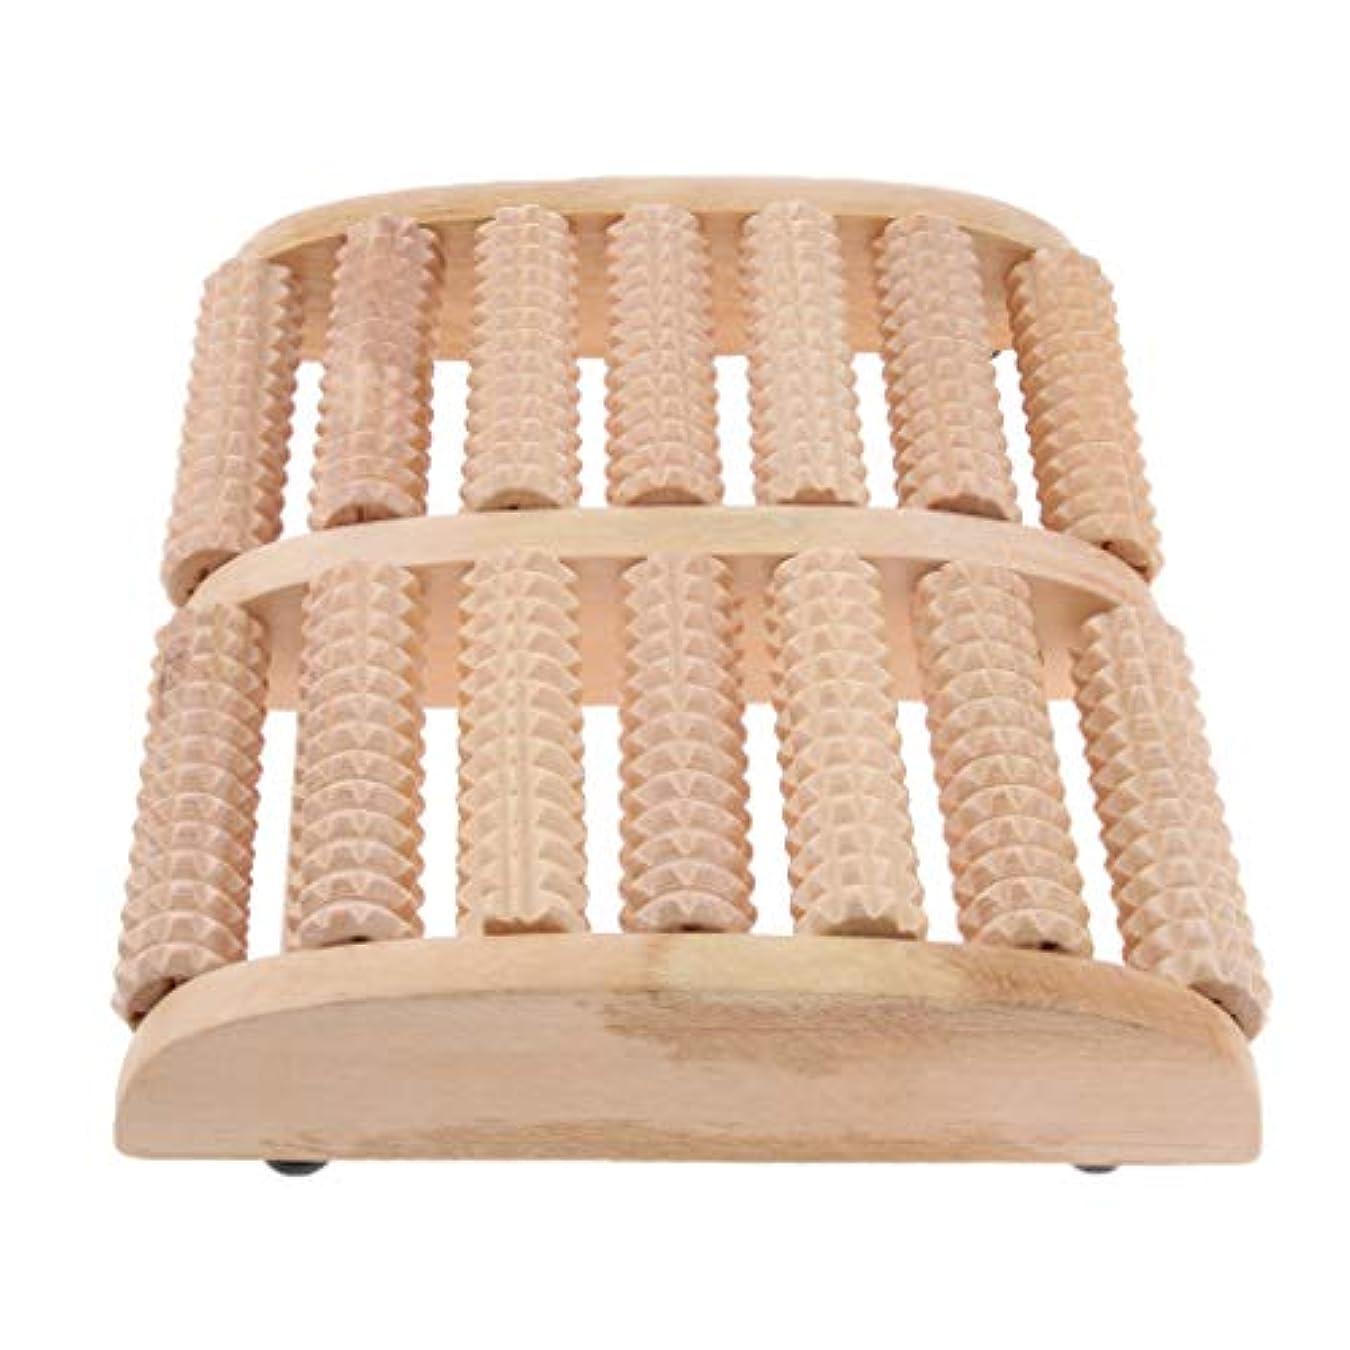 インゲントランペット専門知識IPOTCH マッサージローラー 7行 自然木製 足踏み フットマッサージ ツボ押し 痛み緩和 健康器具 高品質